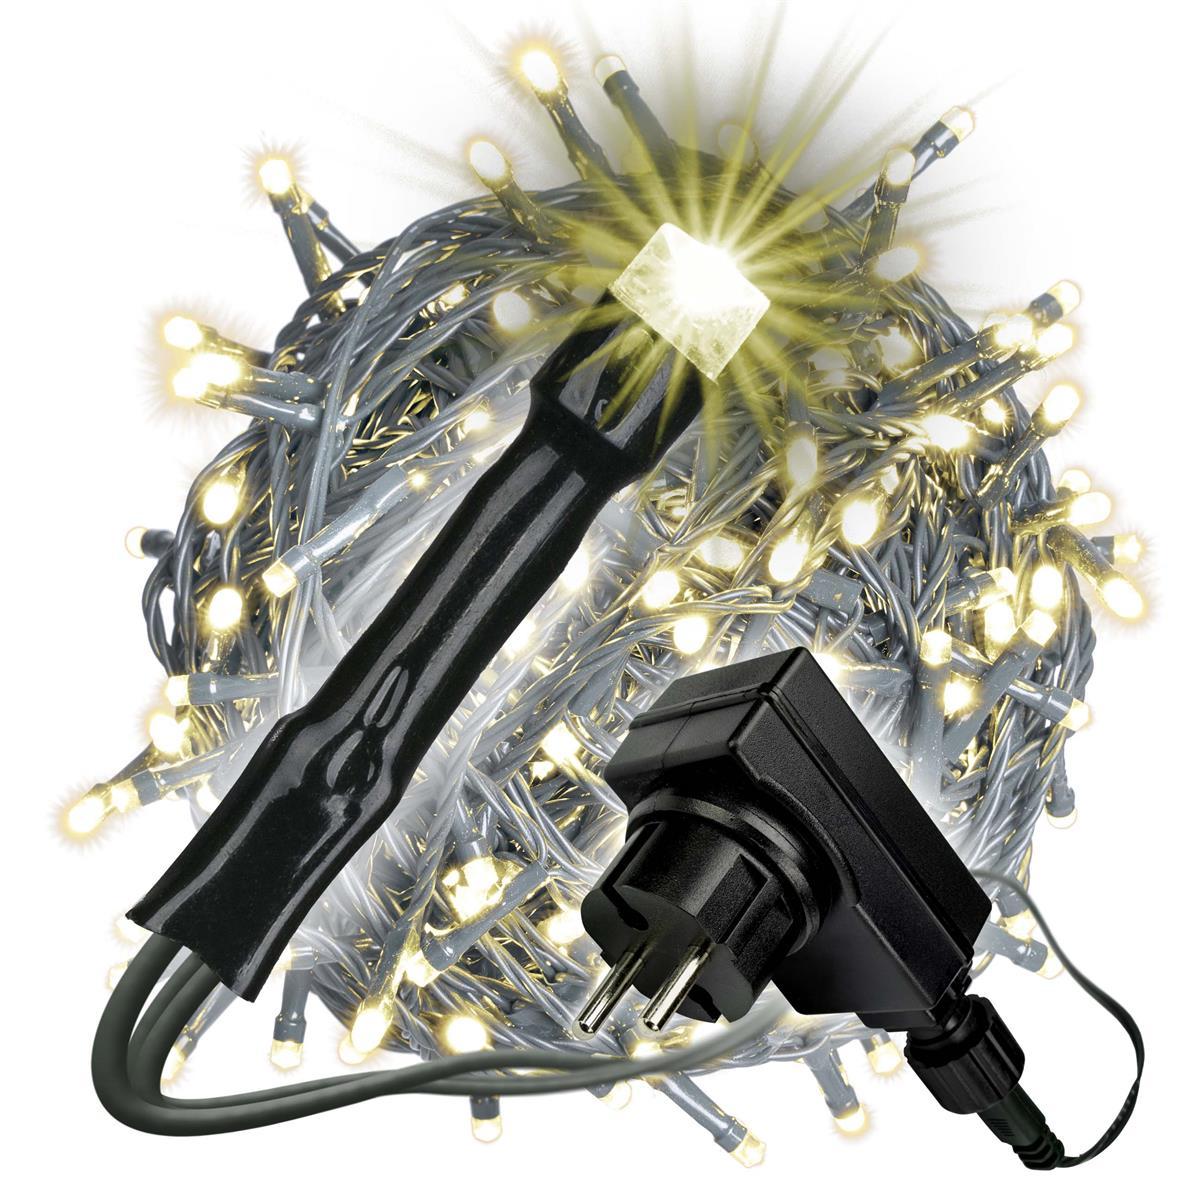 400 LED Lichterkette mit Trafo Timer warm-weiß Außen grünes Kabel Weihnachten